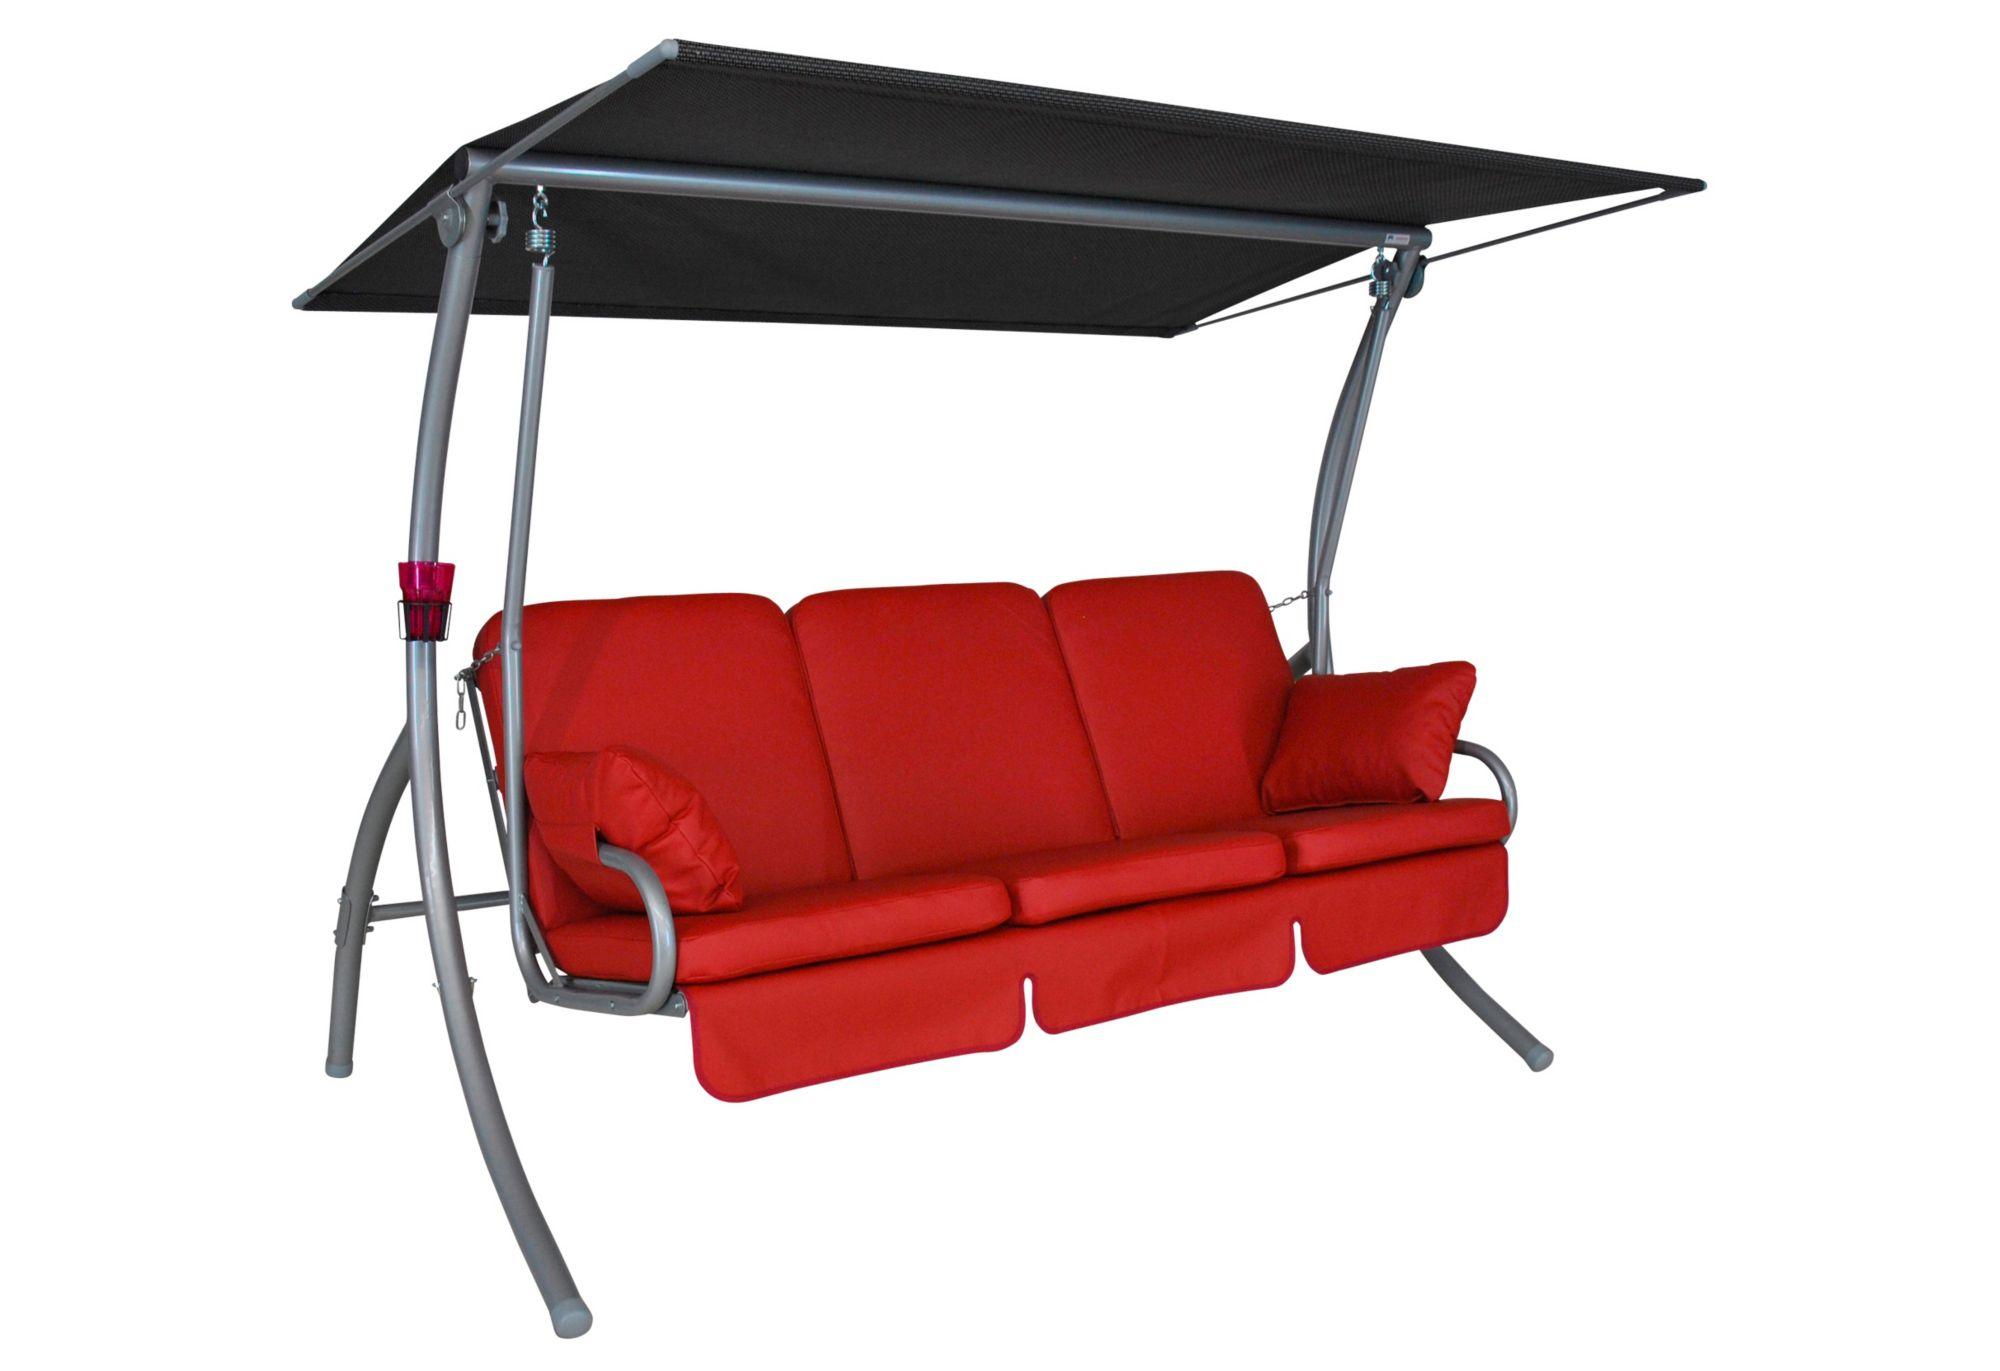 ANGERER FREIZEITMÖBEL  Hollywoodschaukel »Primero Premium«, 3-Sitzer, rot